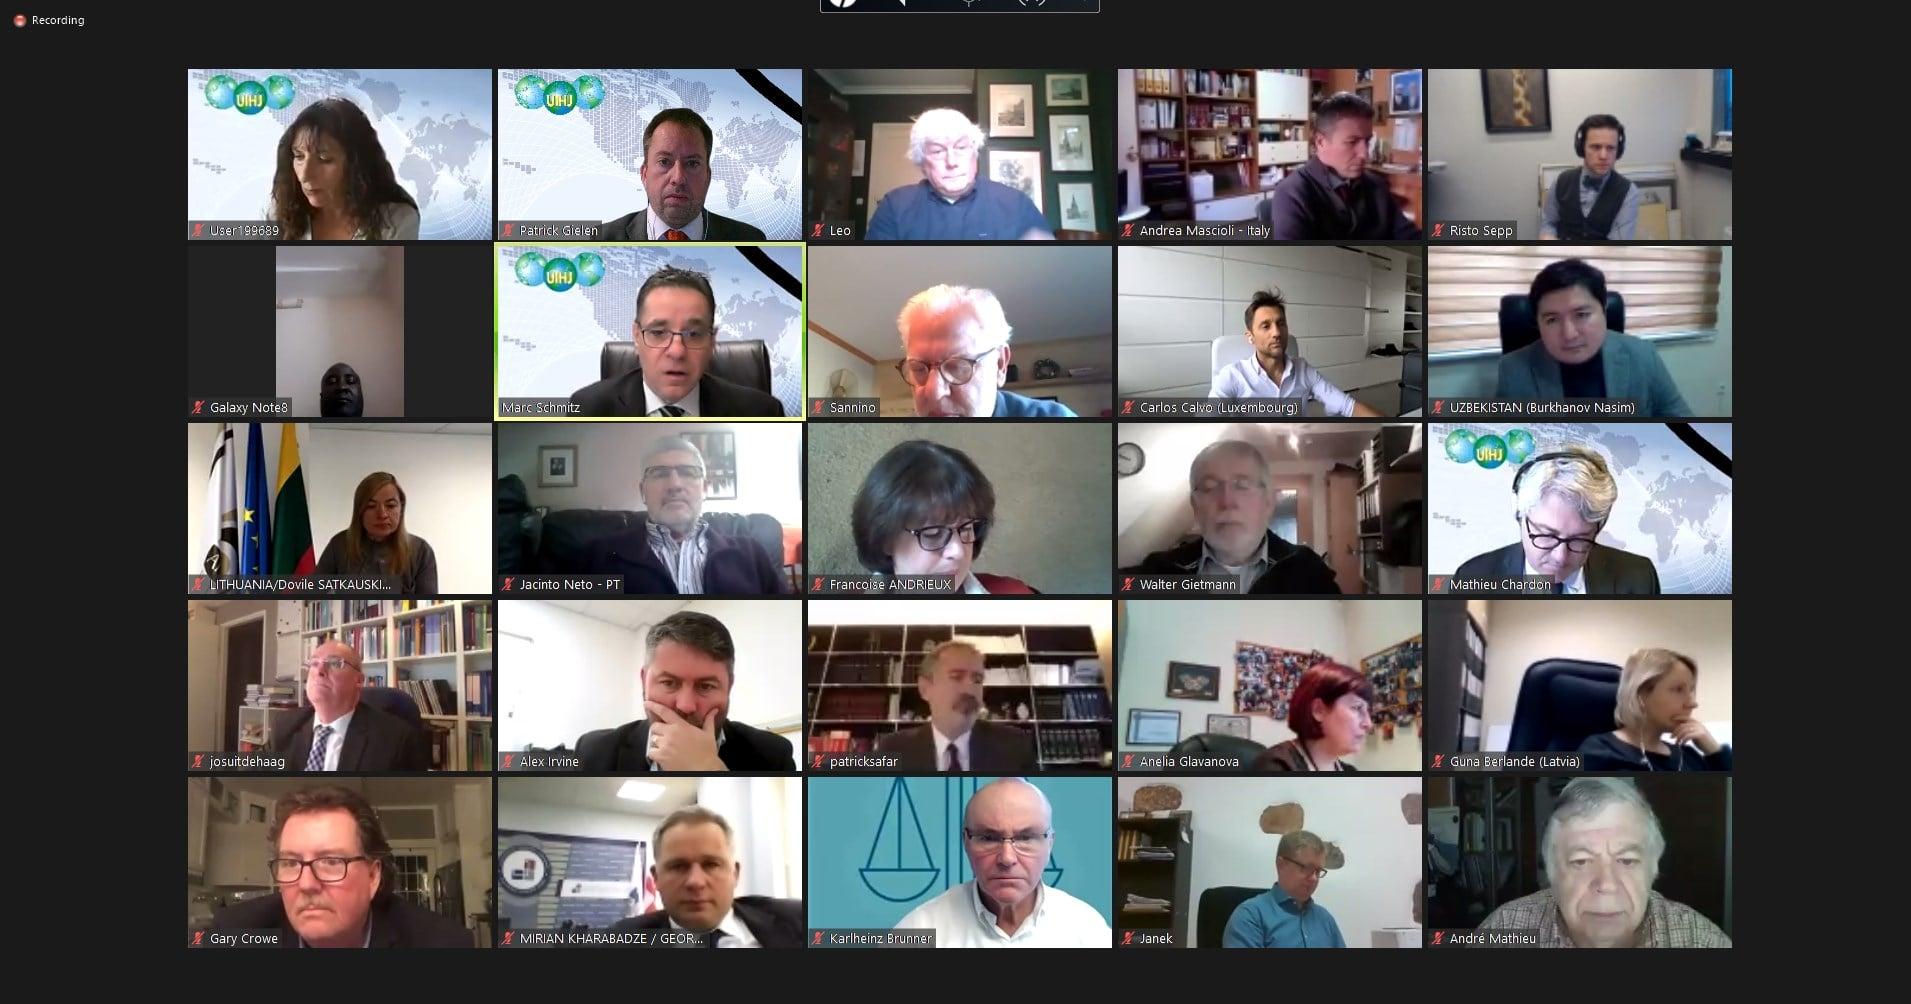 48 délégations pour le 1er conseil permanent online de l'histoire de l'UIHJ